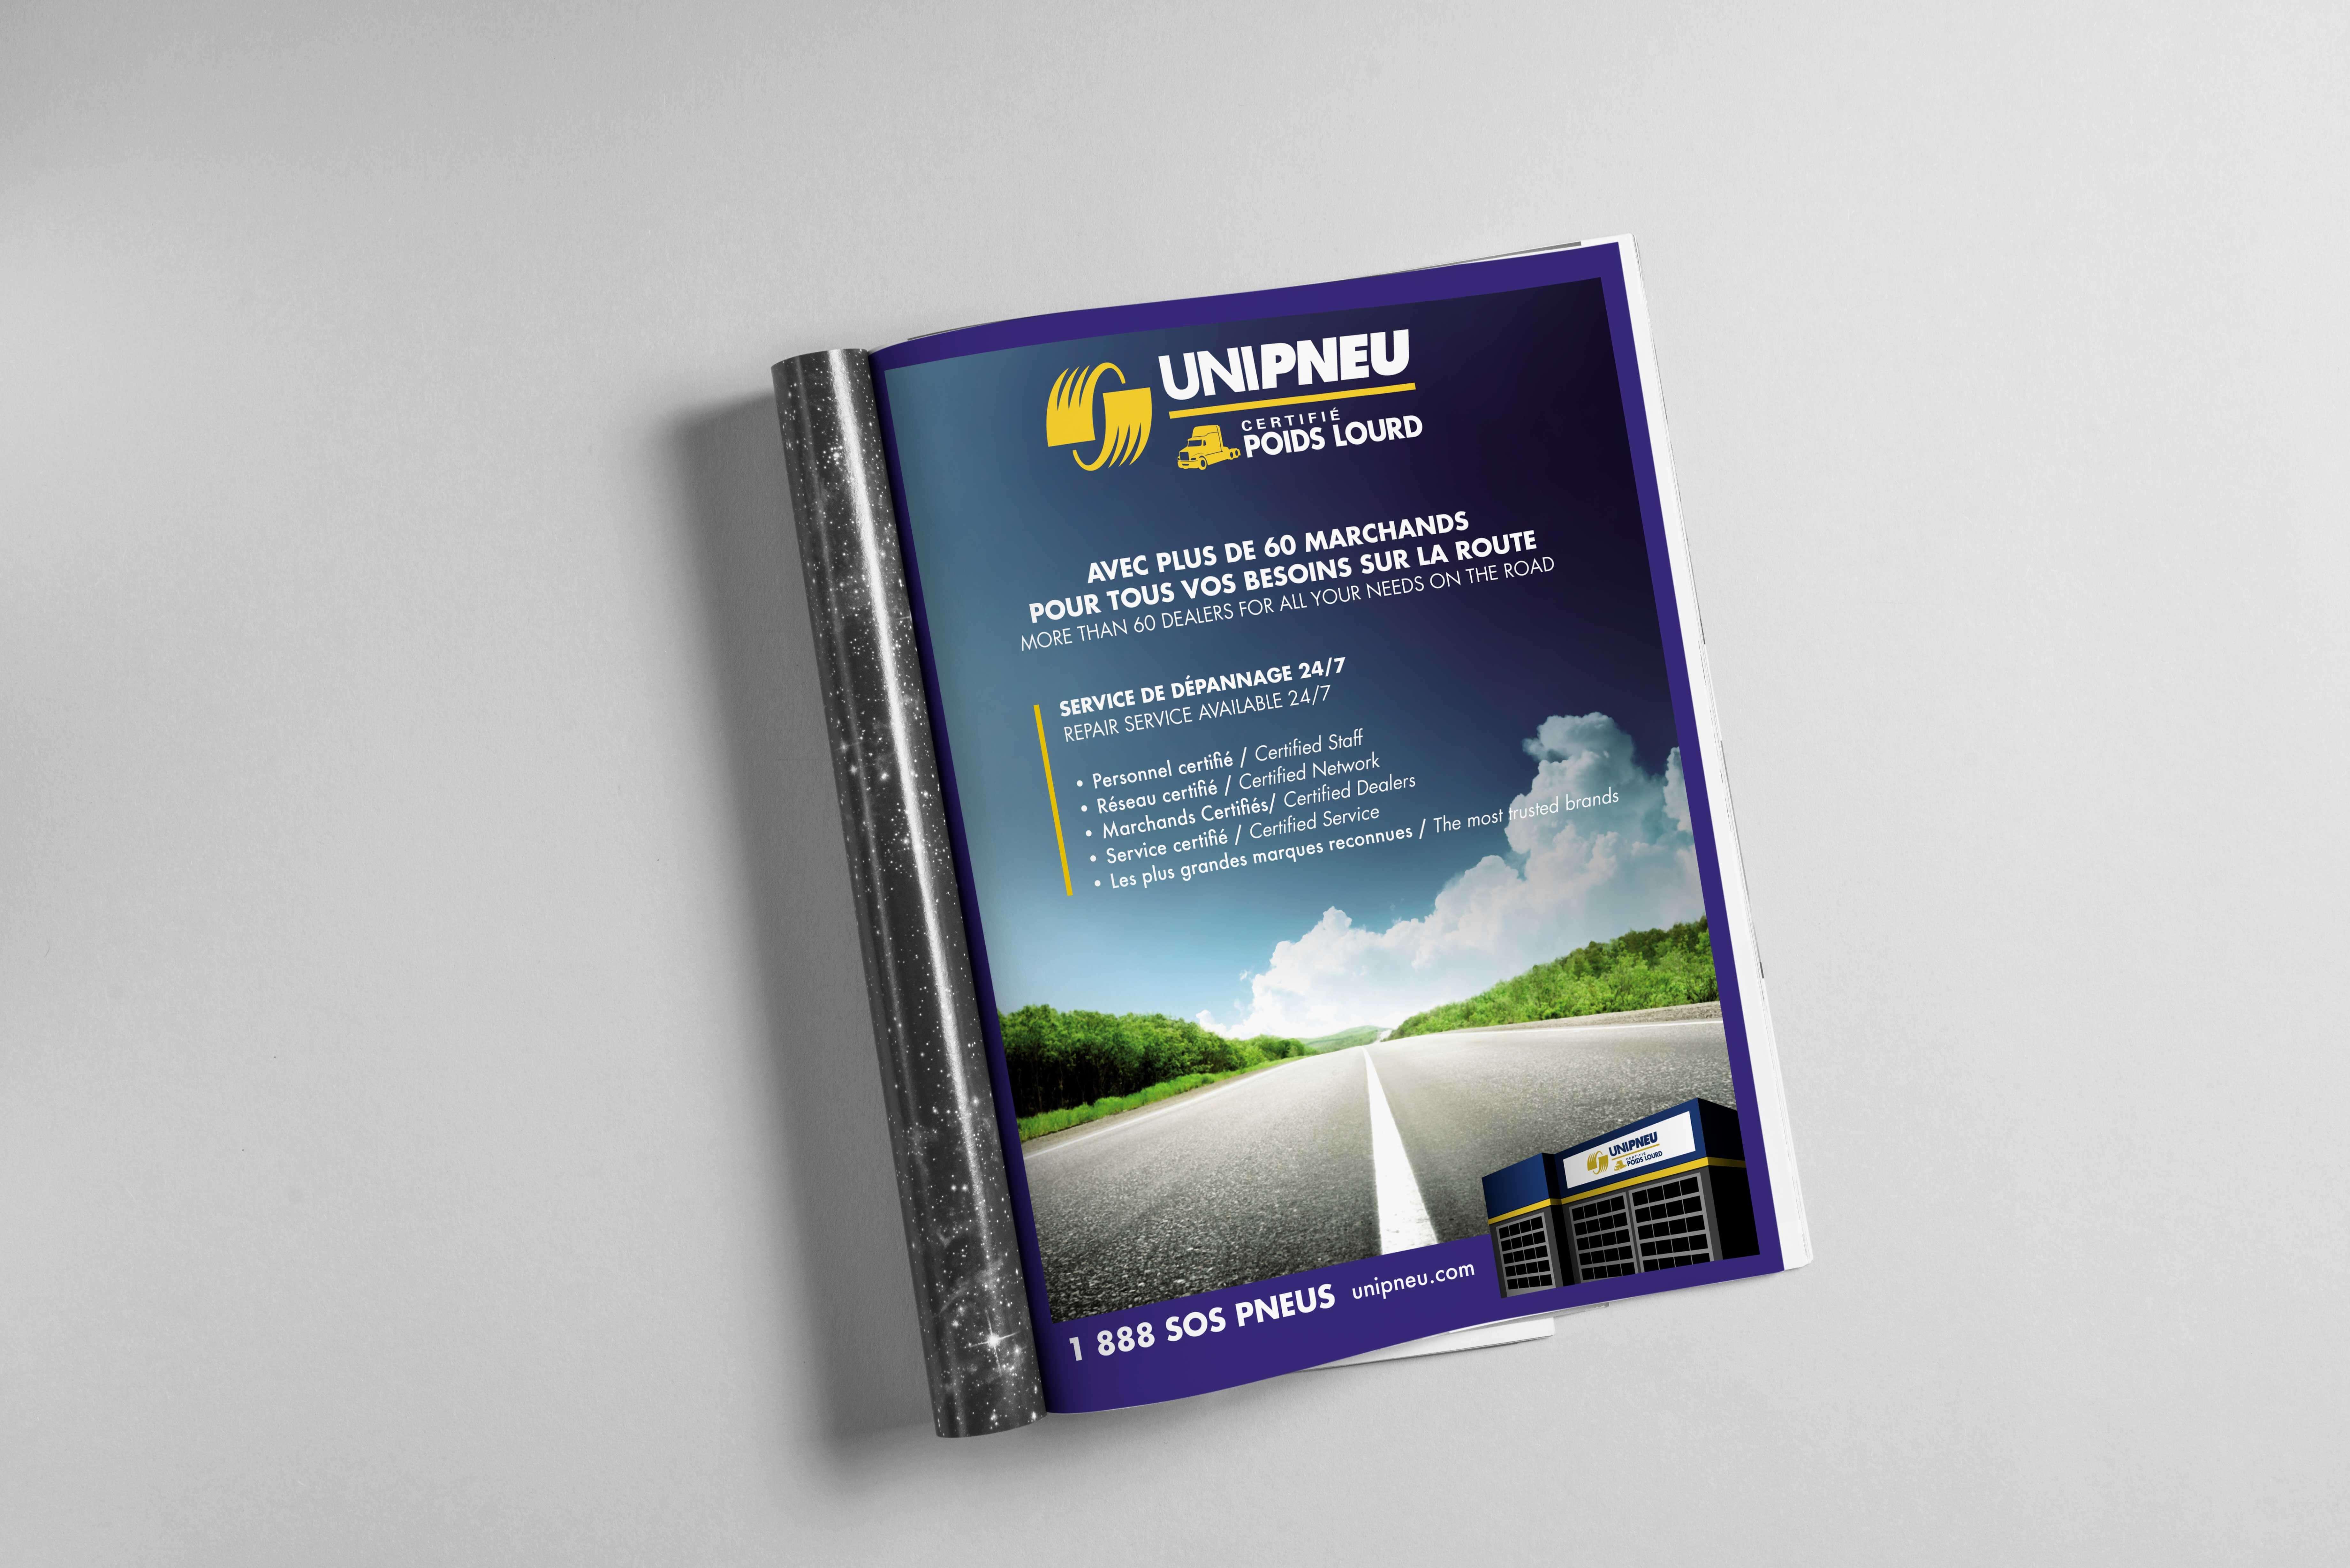 Publicité, Unipneu